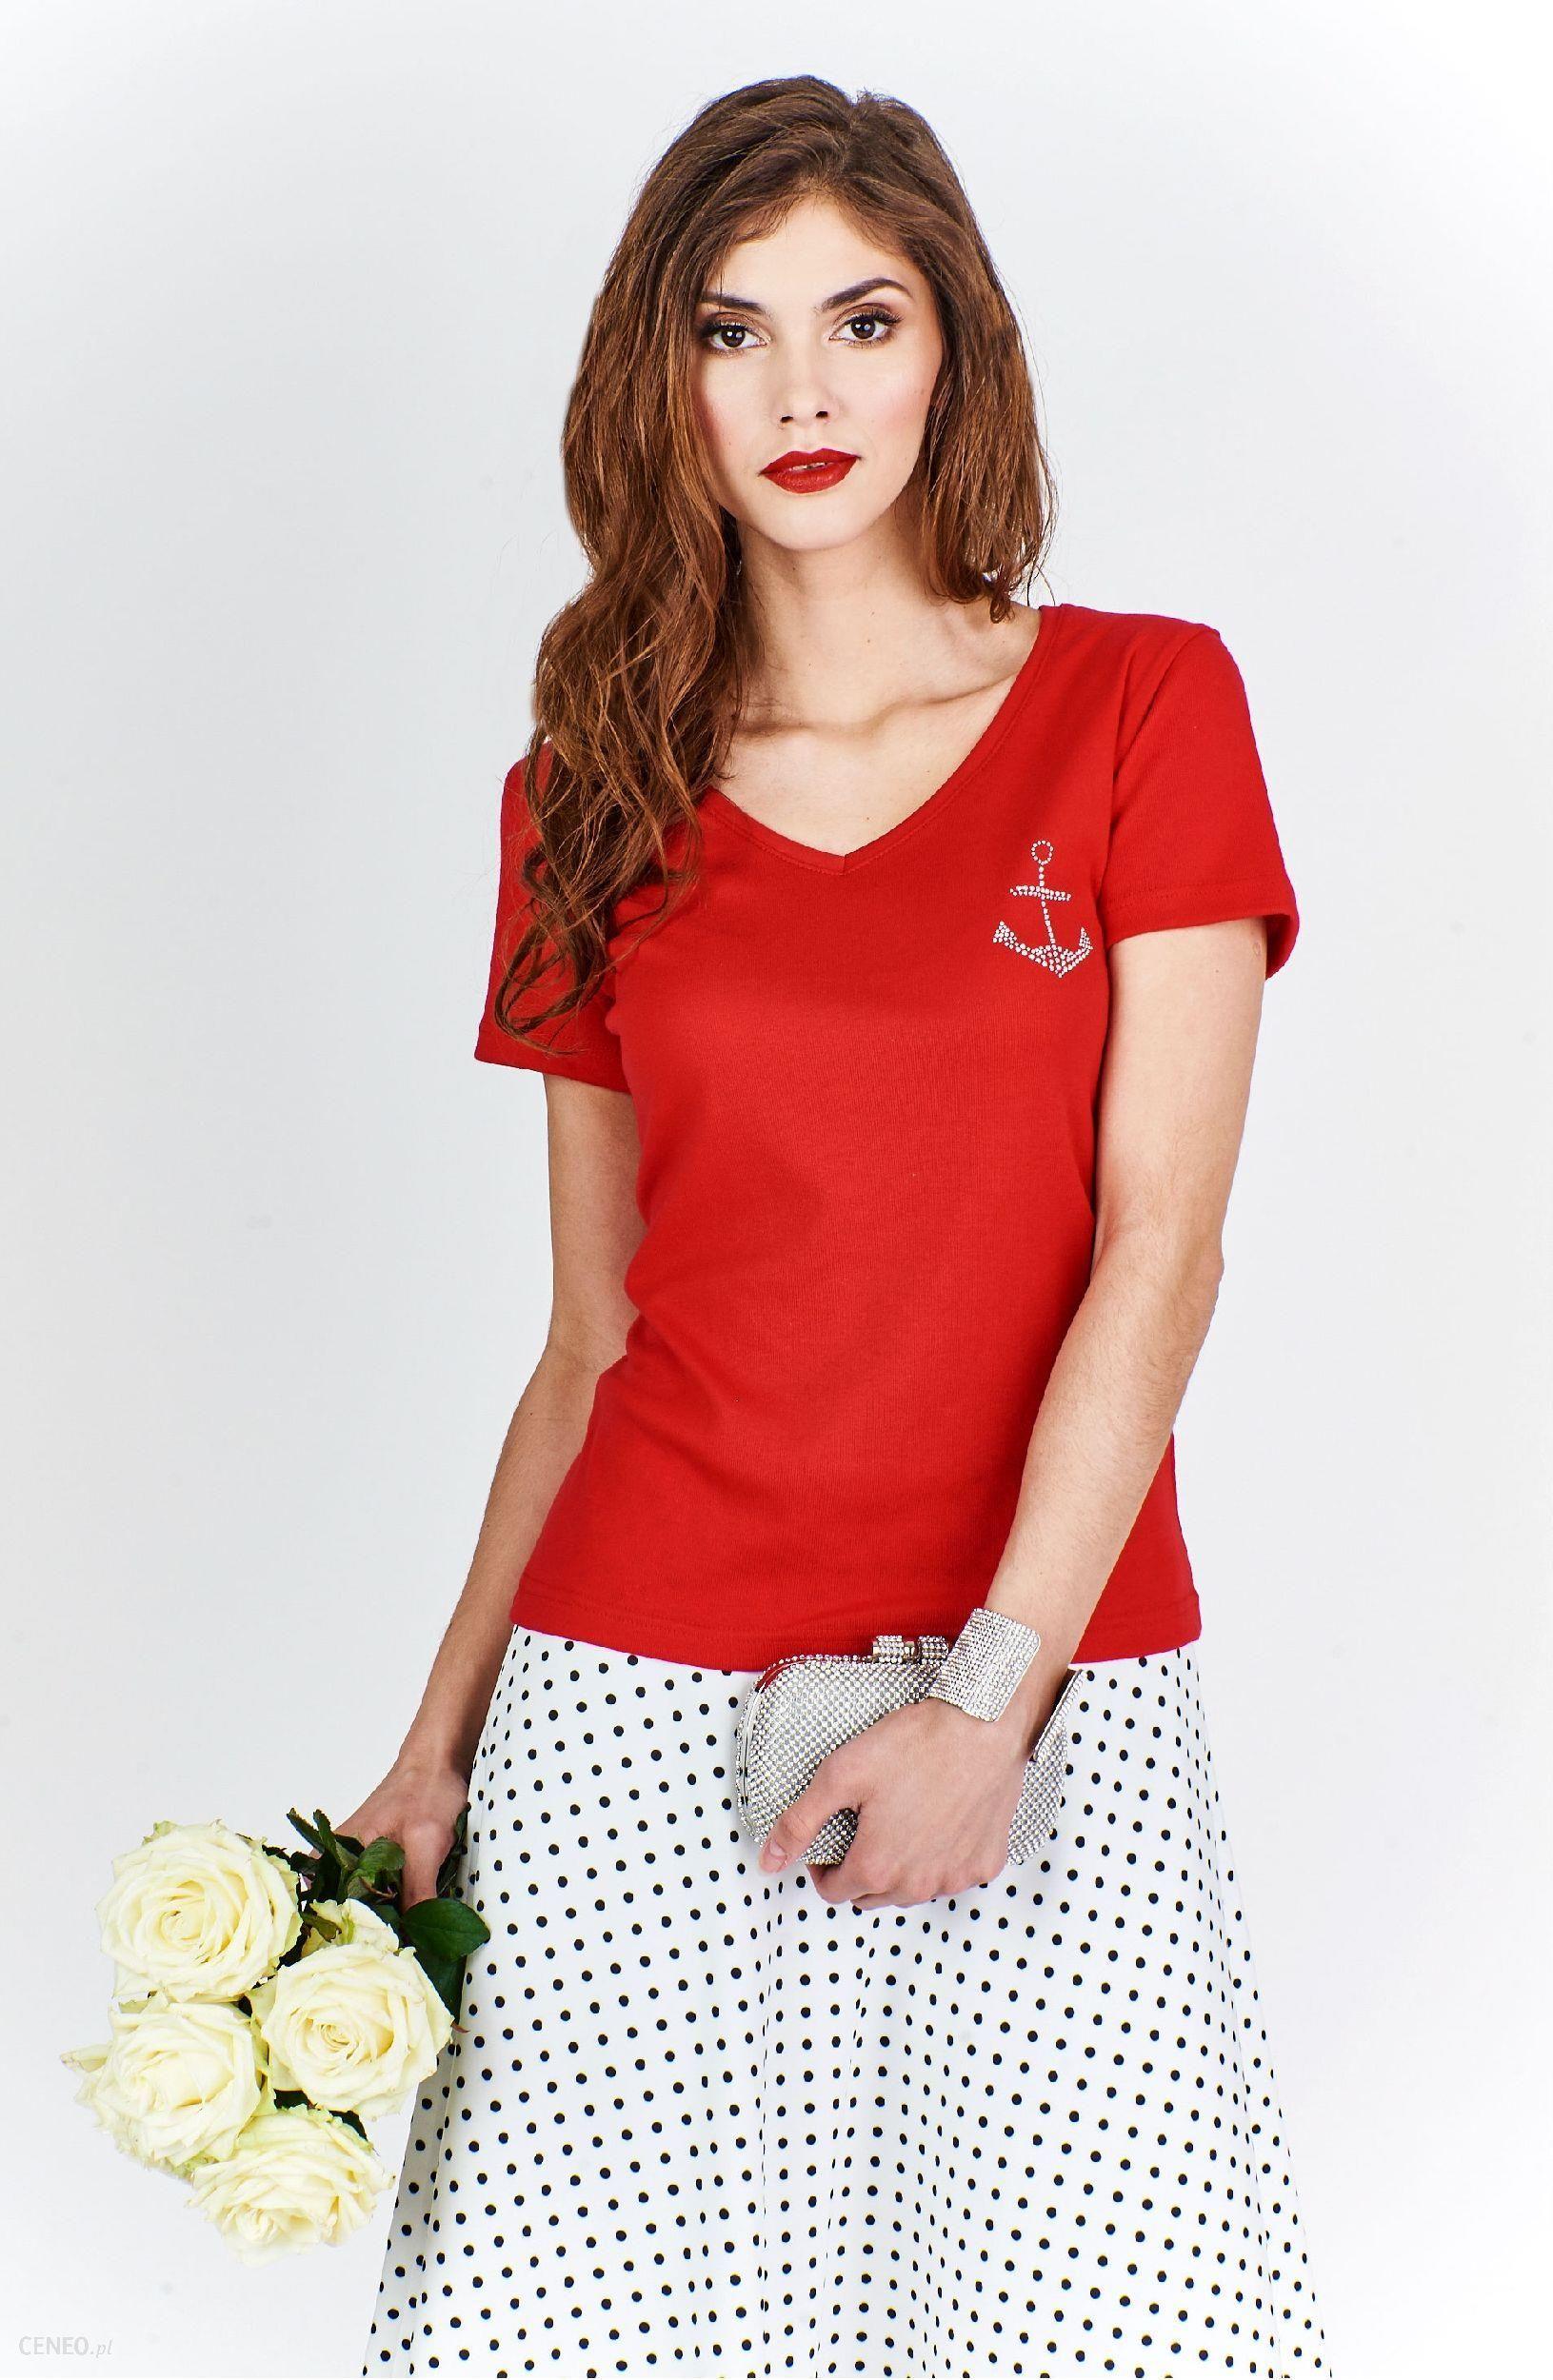 64bf2f6a6eee8f Ptak Moda Bluzka damska z dekoltem w serek w stylu marynarskim czerwona r. M  -